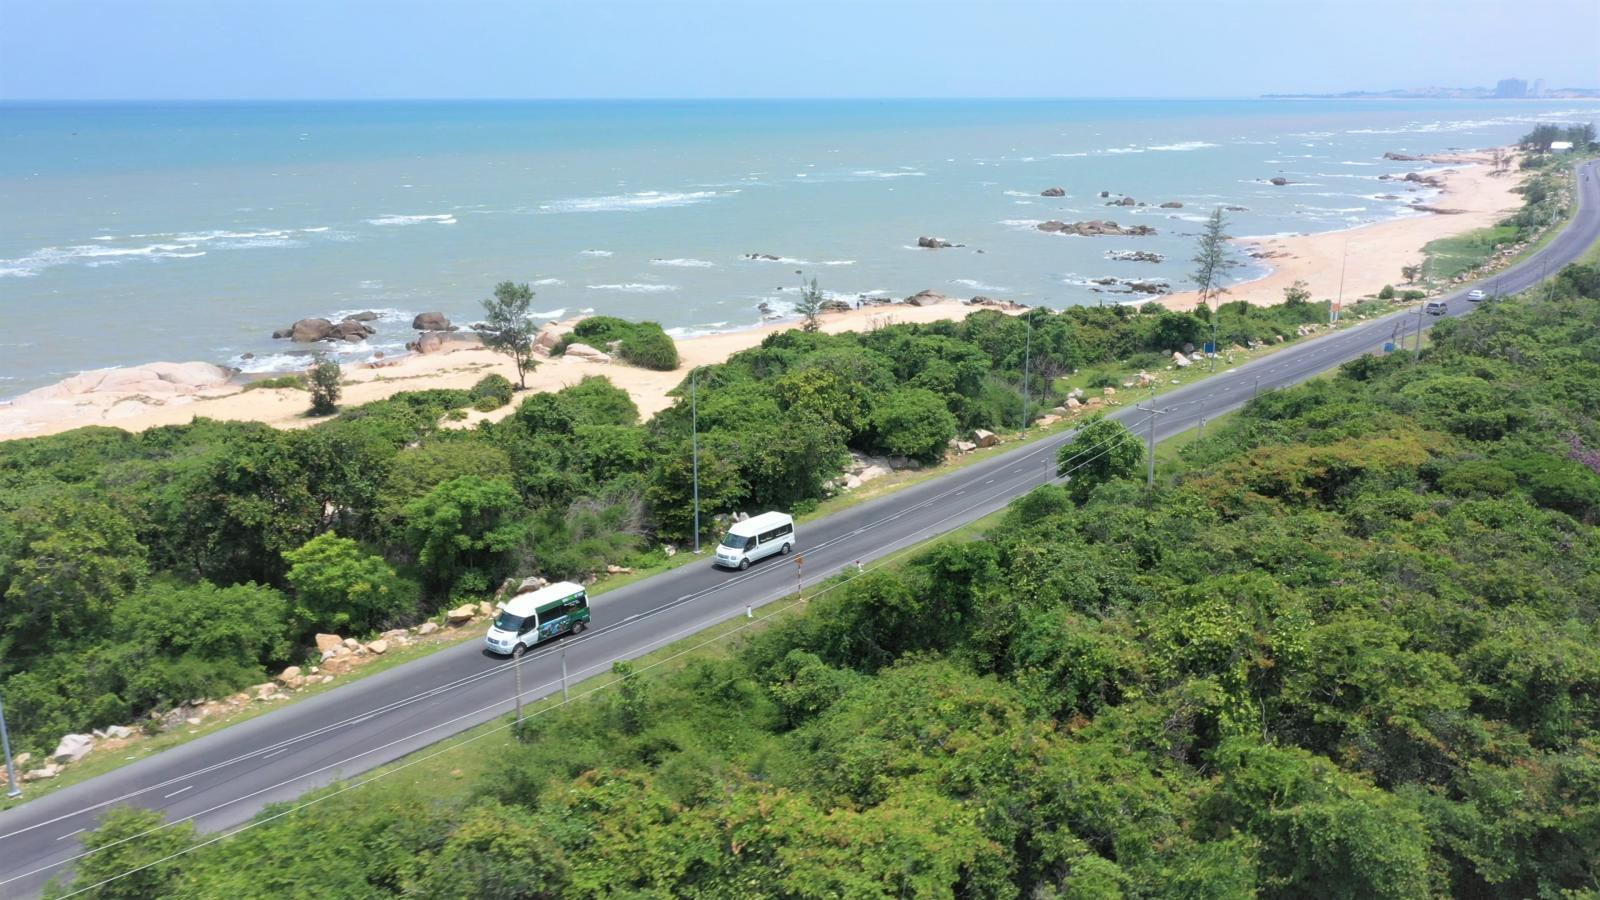 Đường ven biển Hồ Tràm, khu vực đất nền sốt nóng ven Sài Gòn